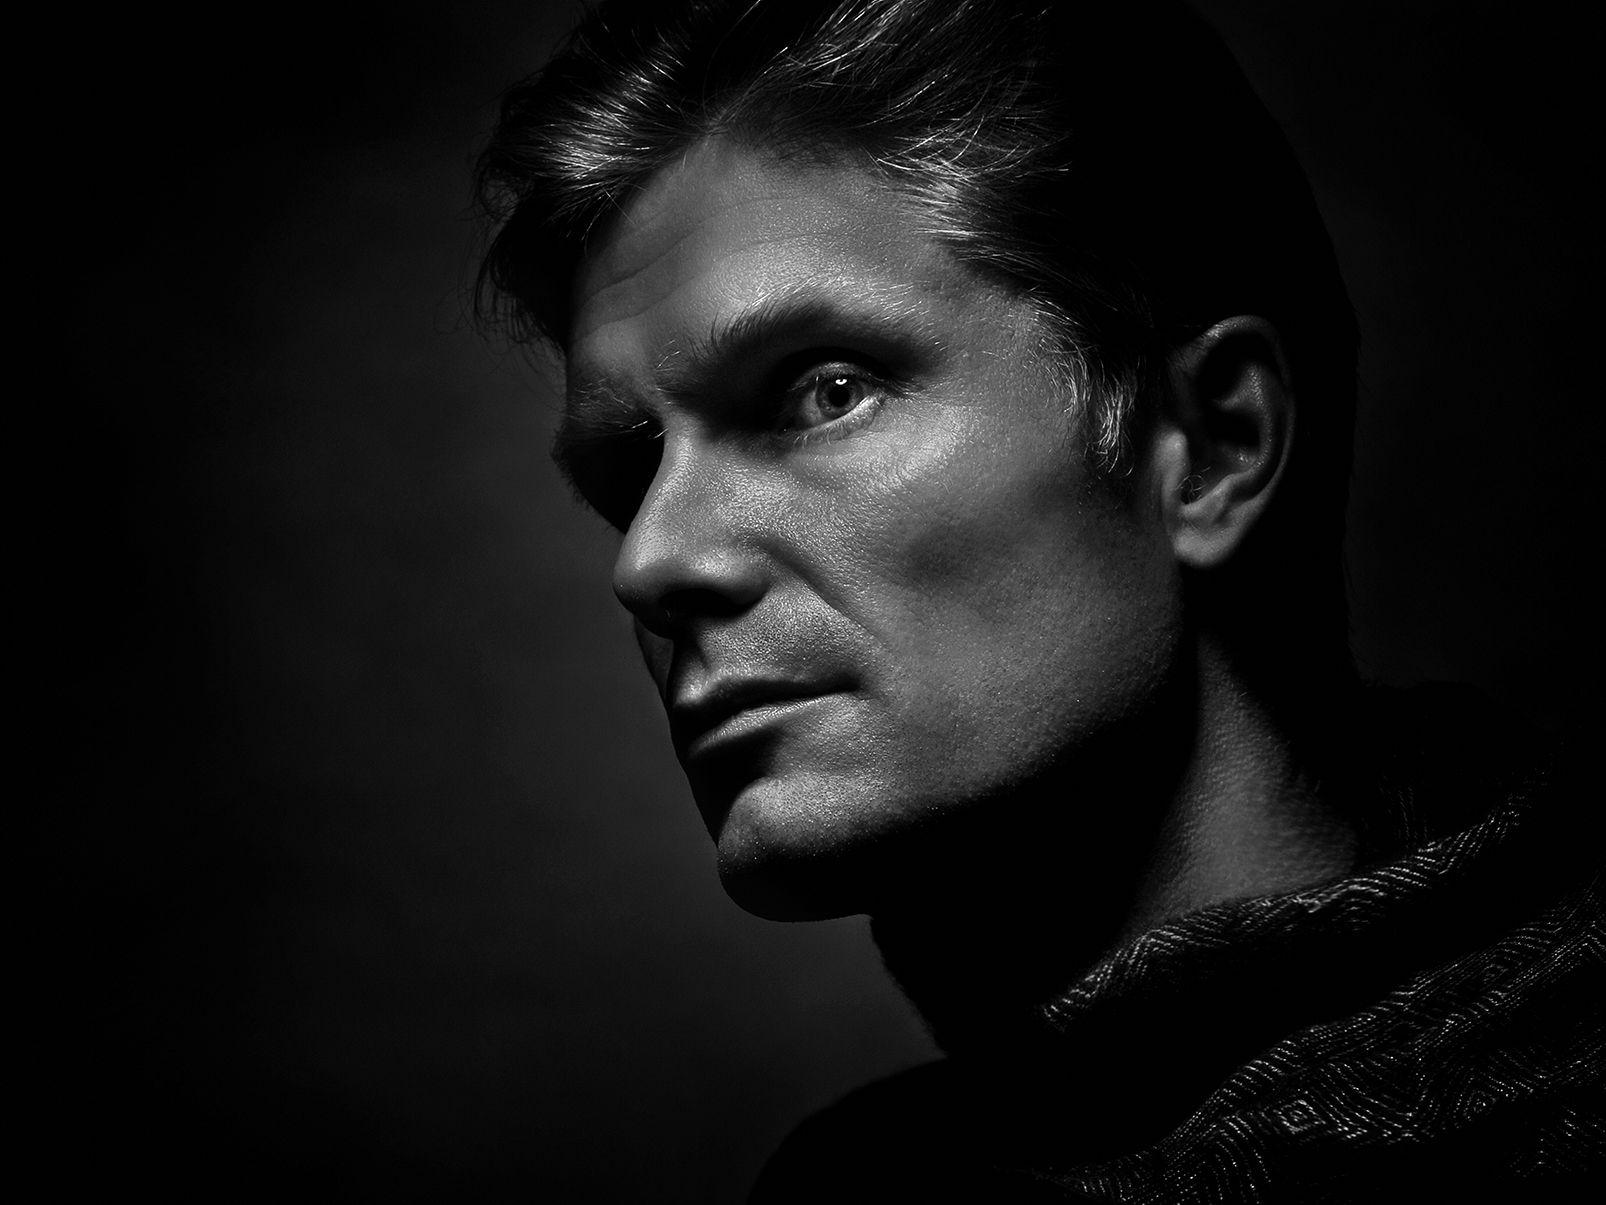 Монументальный портрет... портрет мужчина образ